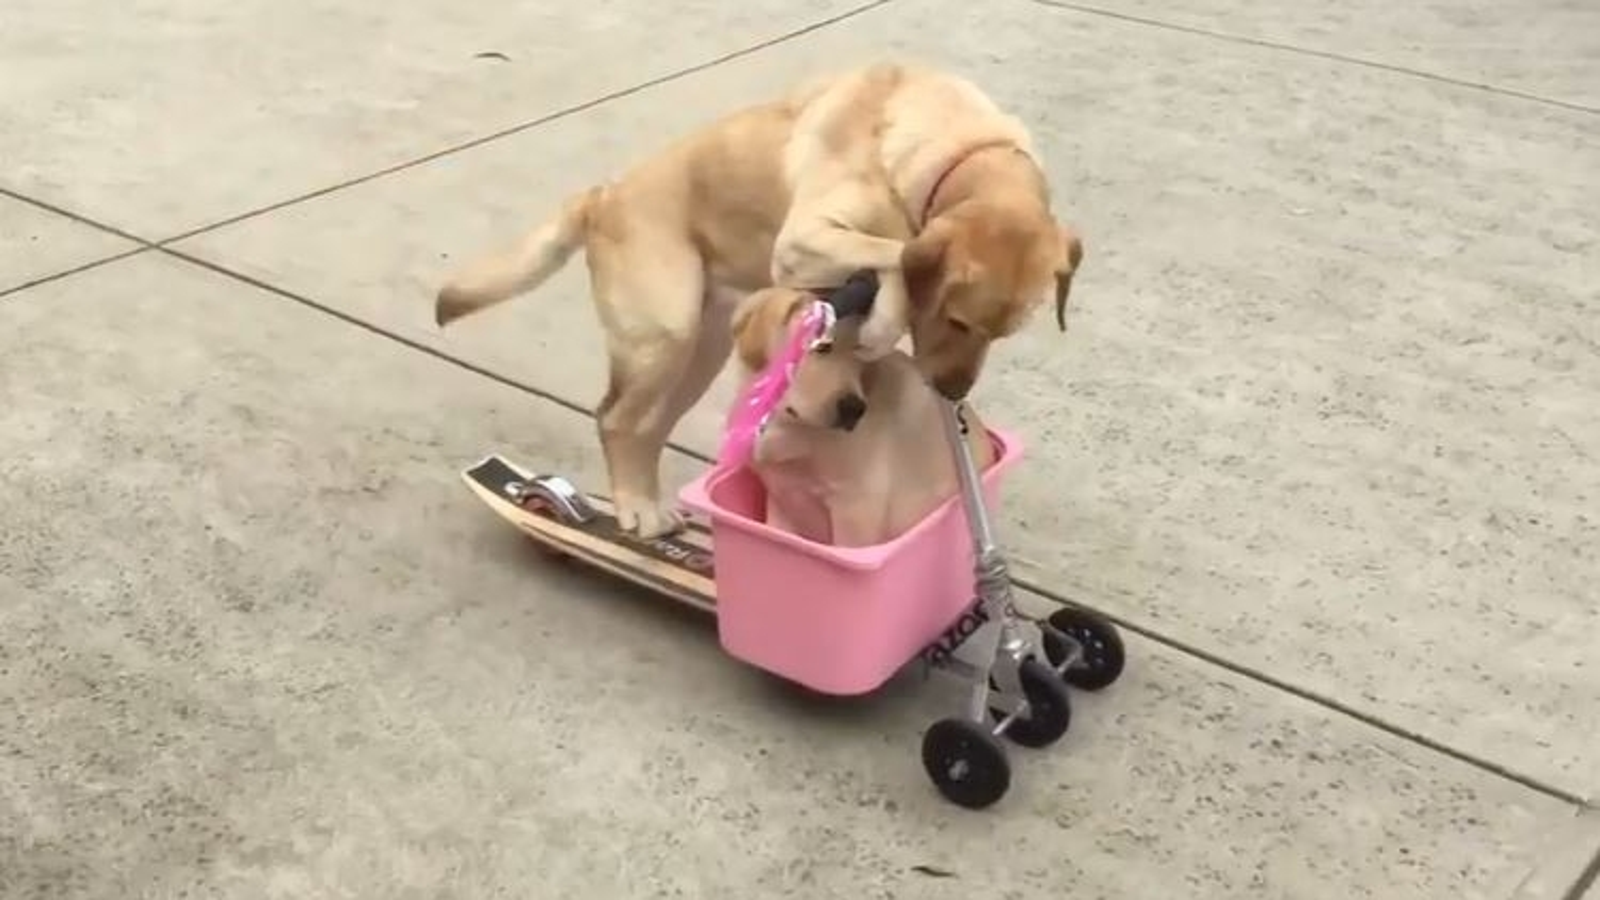 Bật cười trước cảnh tượng đáng yêu khi 2 chú chó vui vẻ chơi trò xe trượt